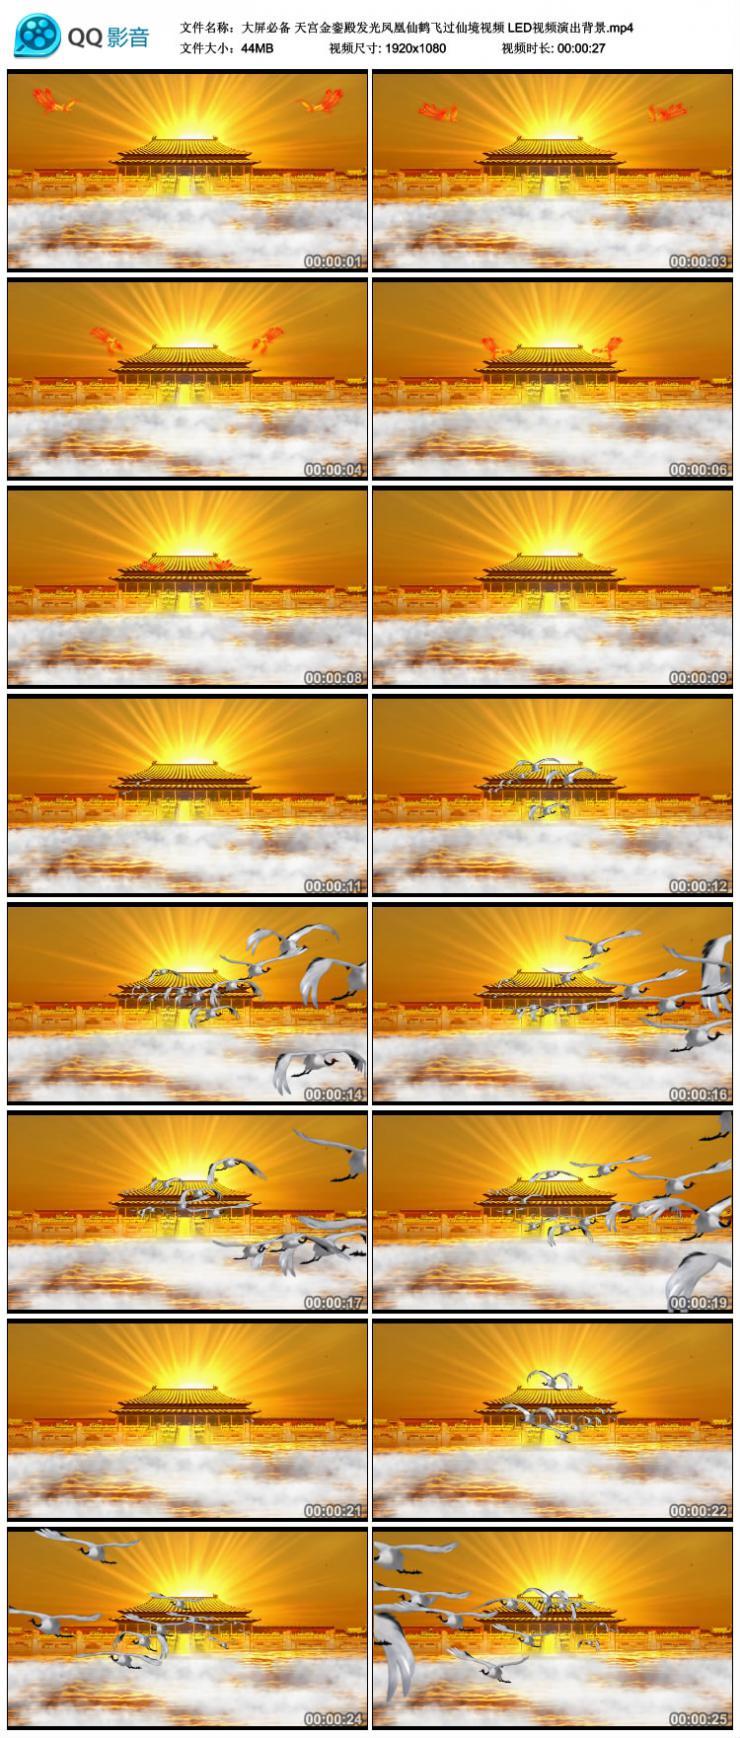 大屏必备天宫金銮殿发光凤凰仙鹤飞过仙境视频LED视频演出